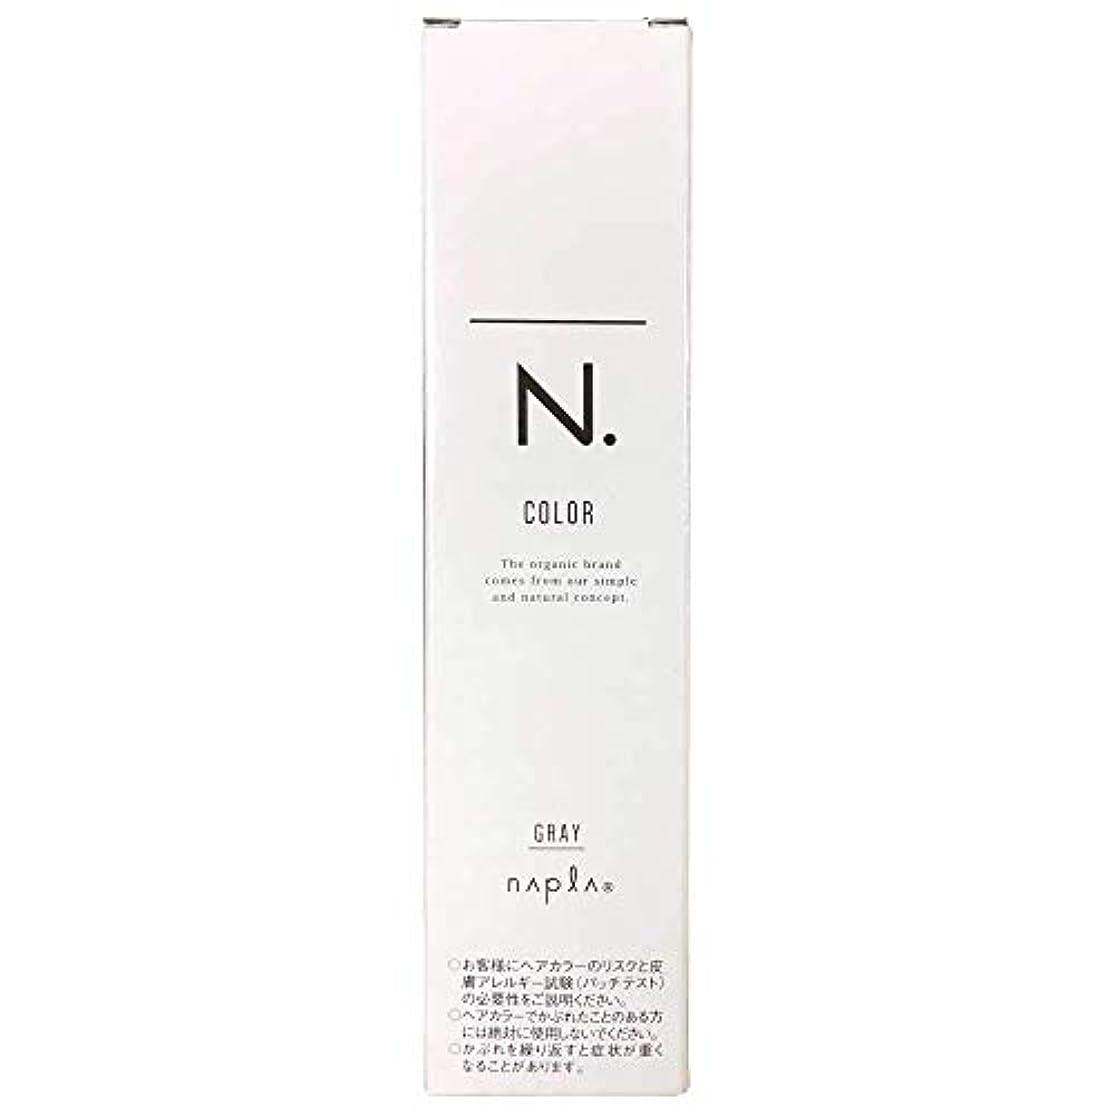 甘い地味な納屋ナプラ エヌドットカラー グレイファッション 第1剤 80g (G-5CB)